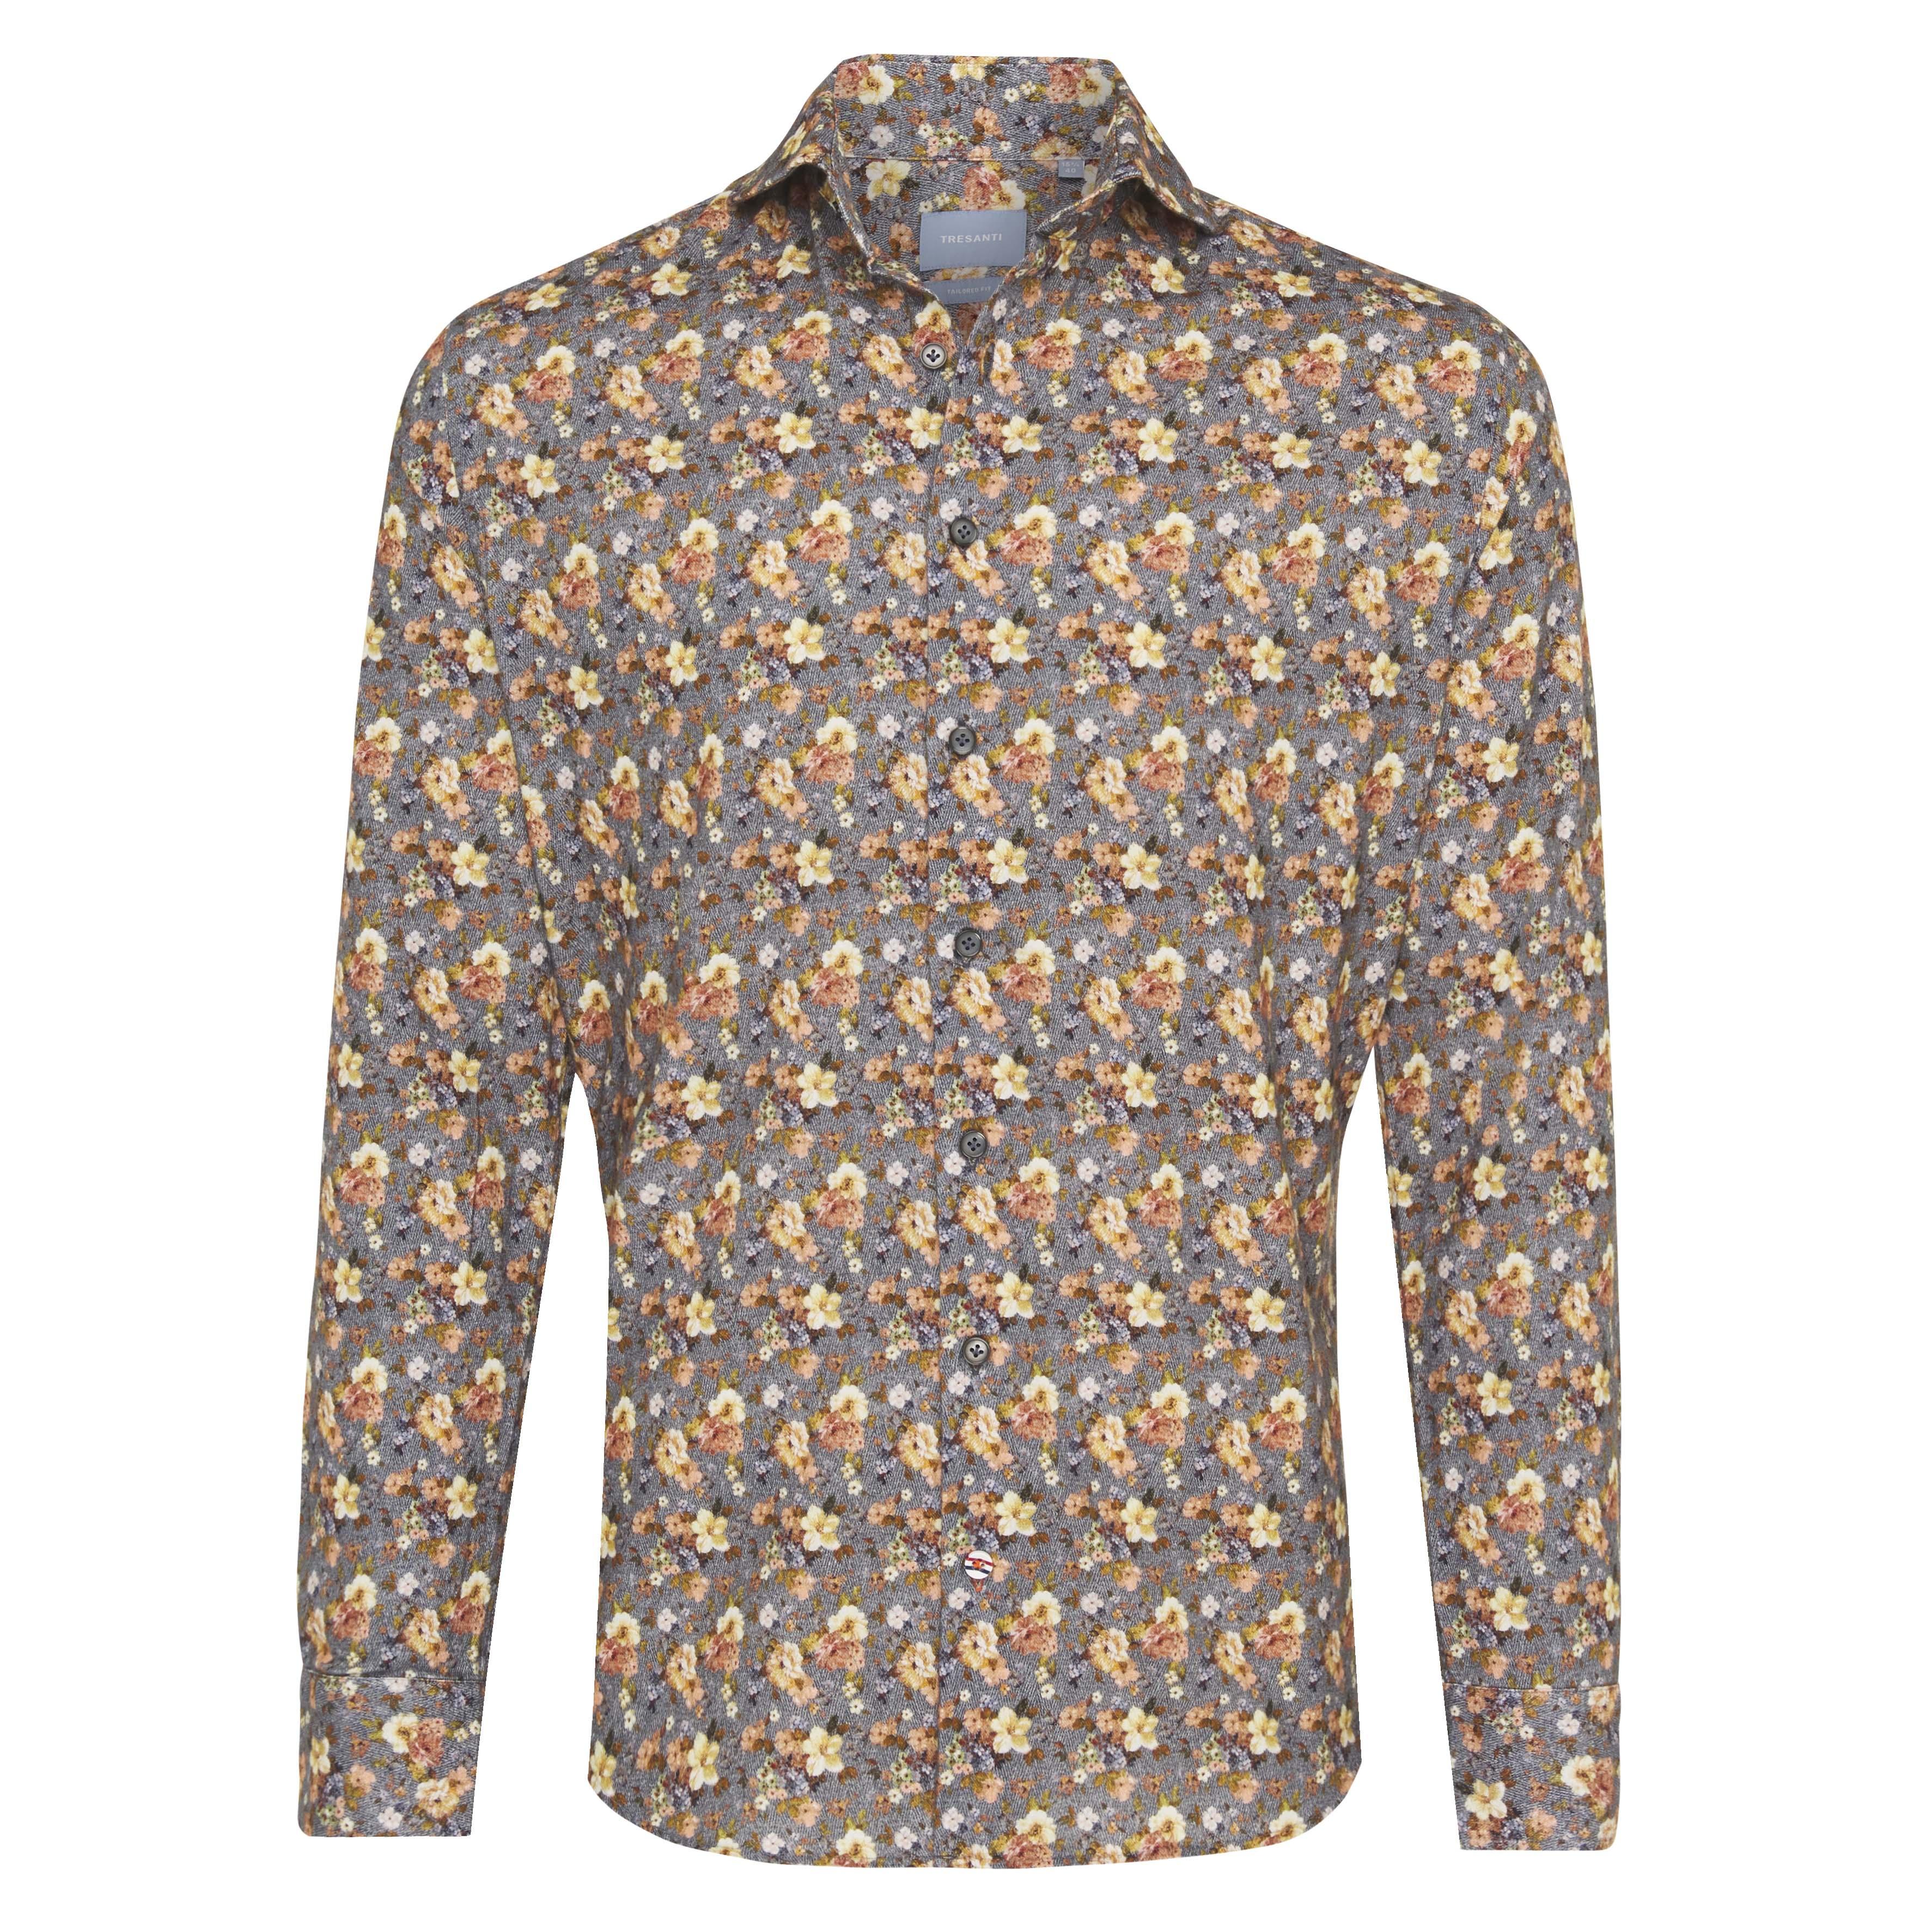 Jerano | Flower print on herringbone shirt yellow